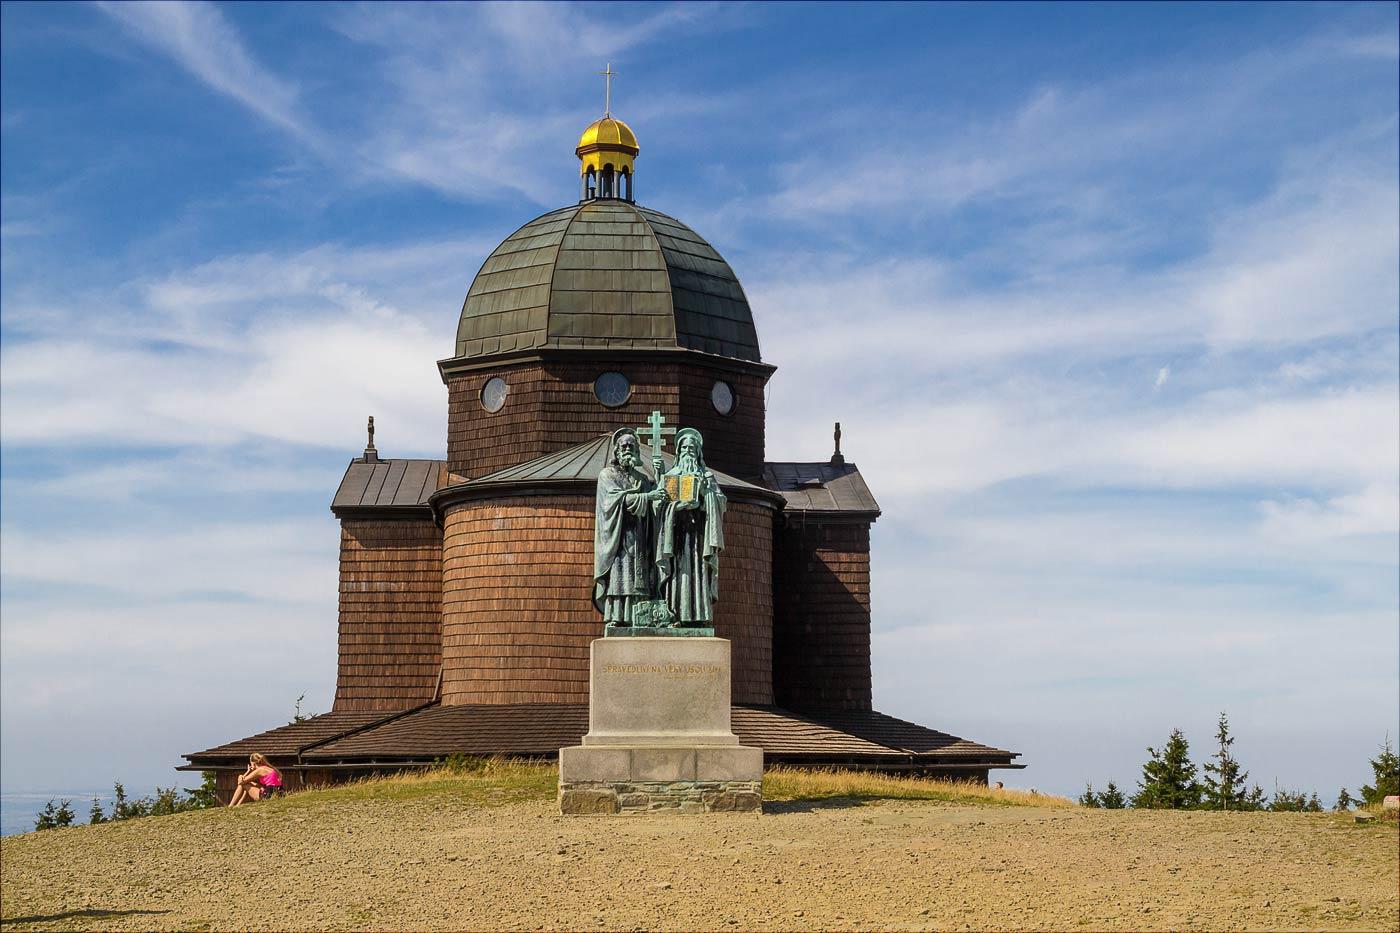 Моравия, гора Радгошть, часовня Св. Кирилла и Мефодия